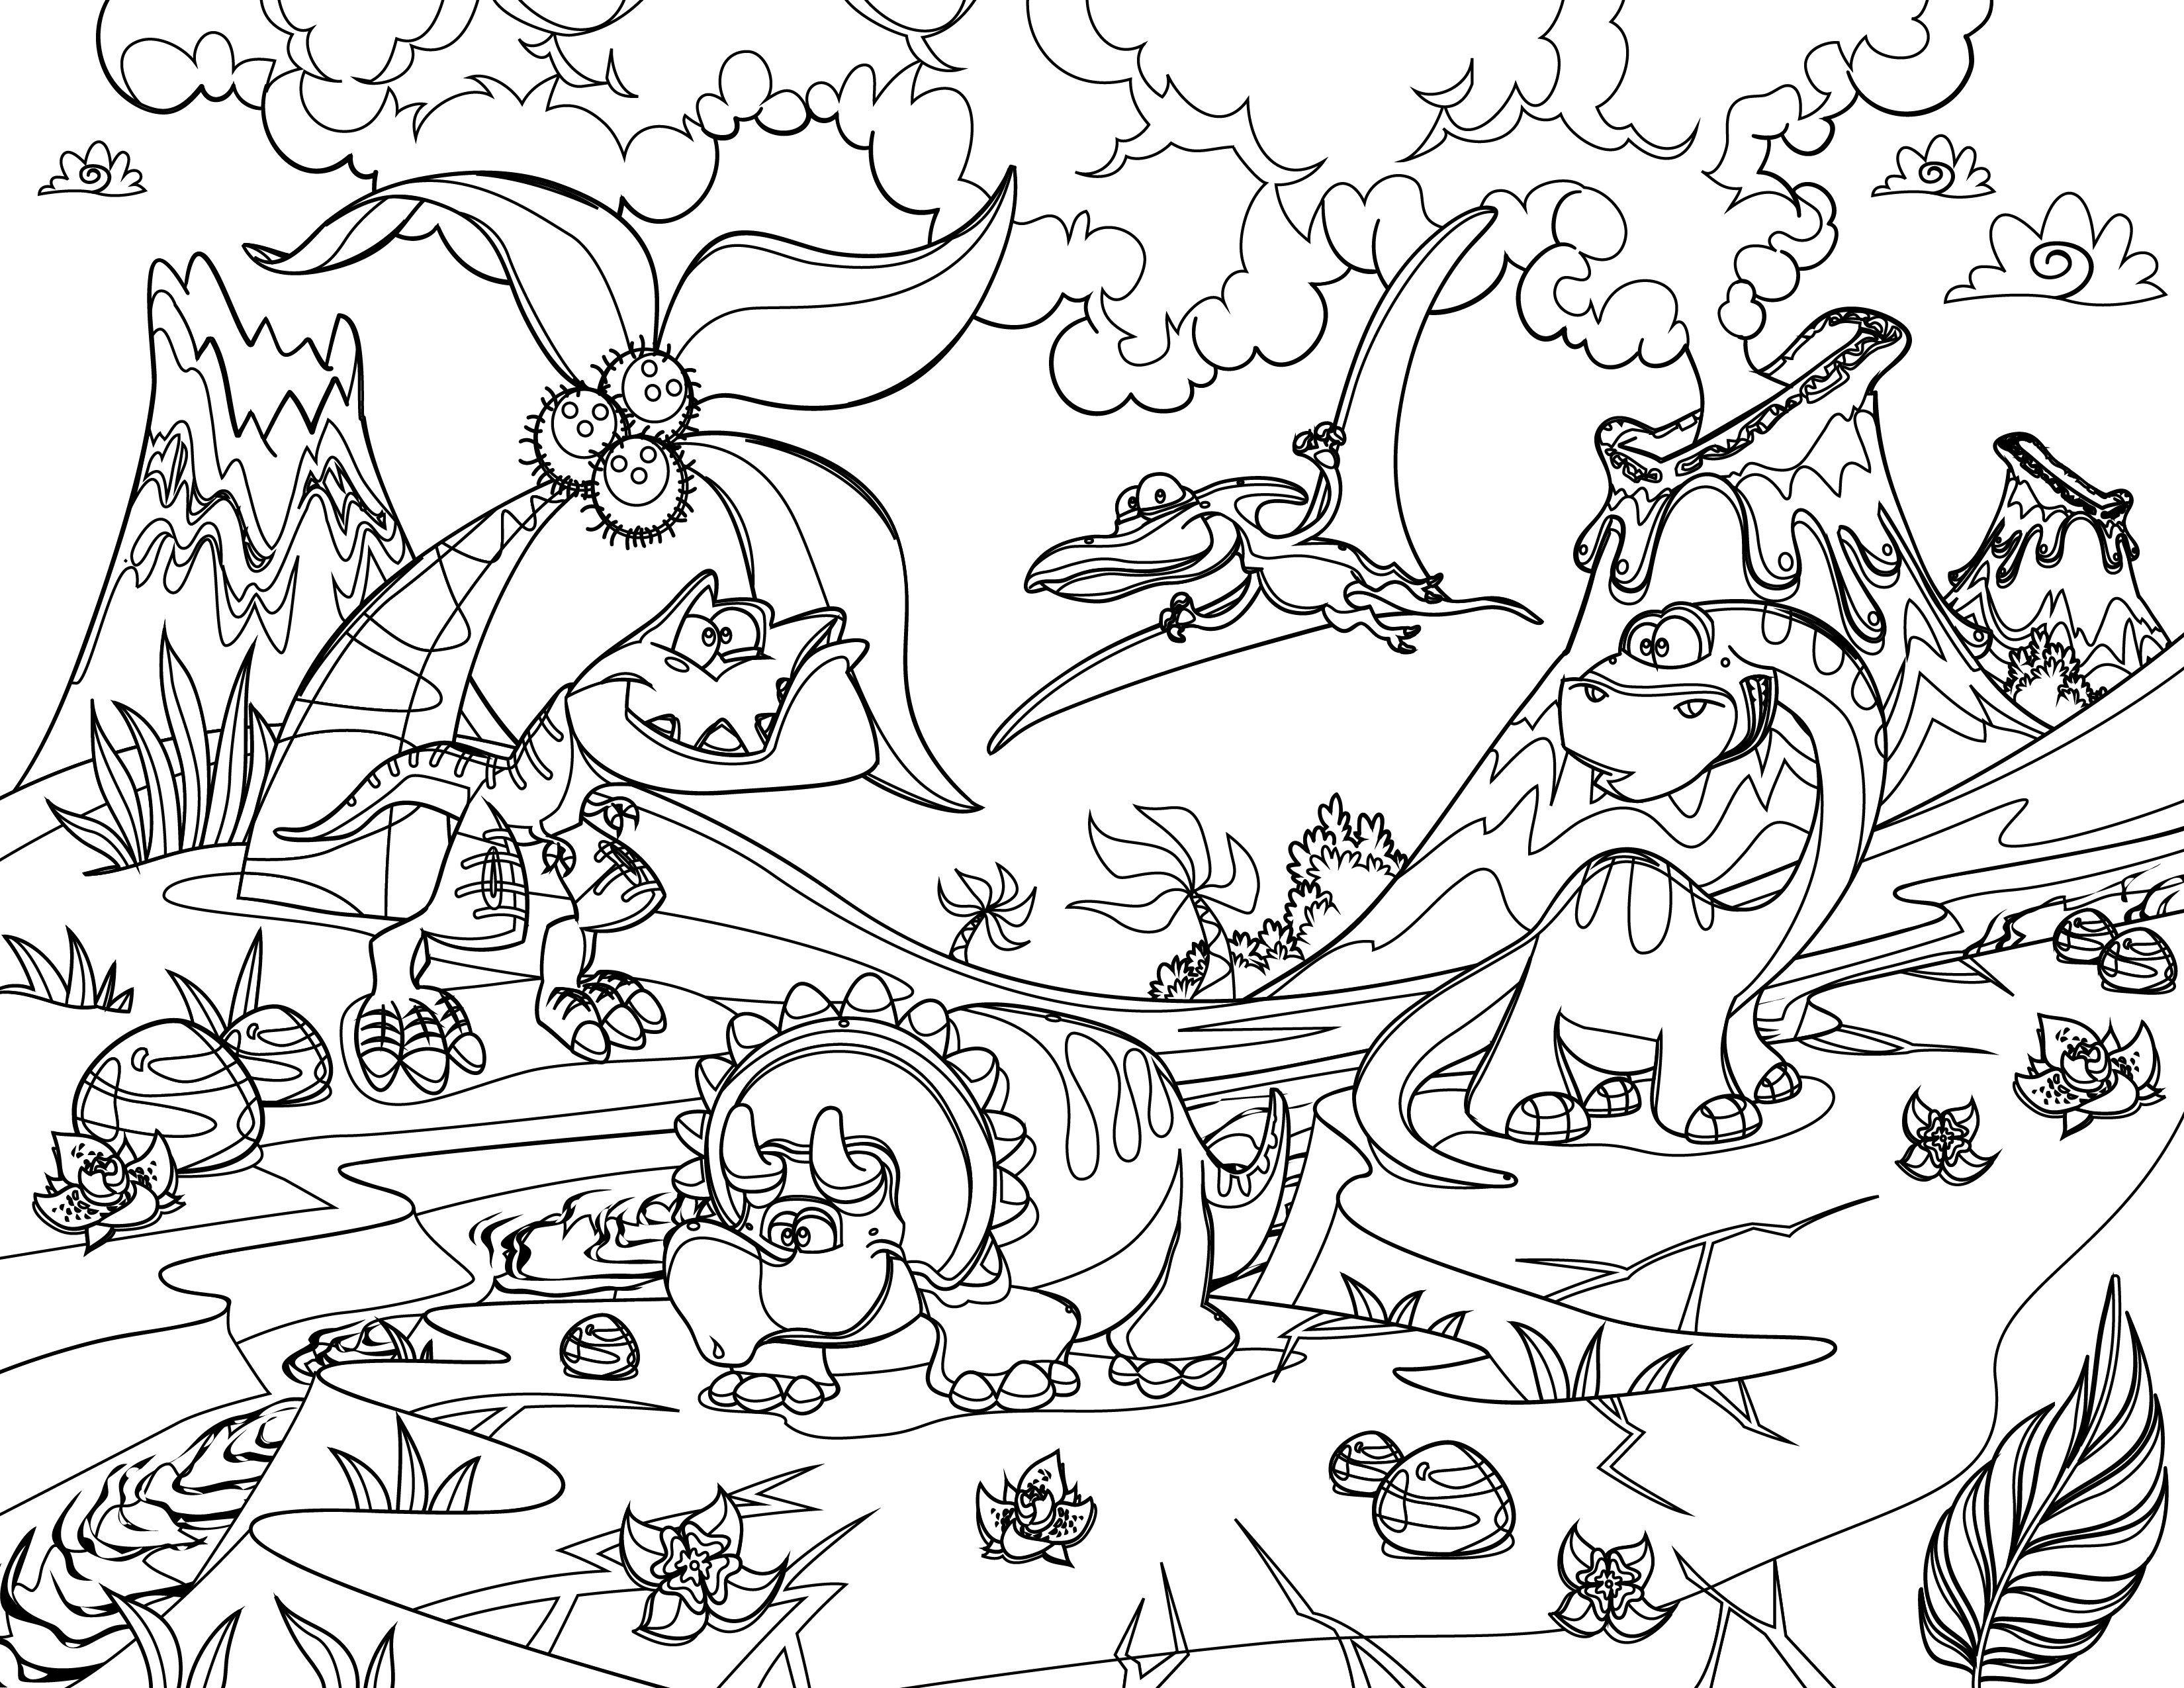 Coloriage Dinosaure A Imprimer En 2021 Coloriage Dinosaure Coloriage Dinosaure A Imprimer Coloriage